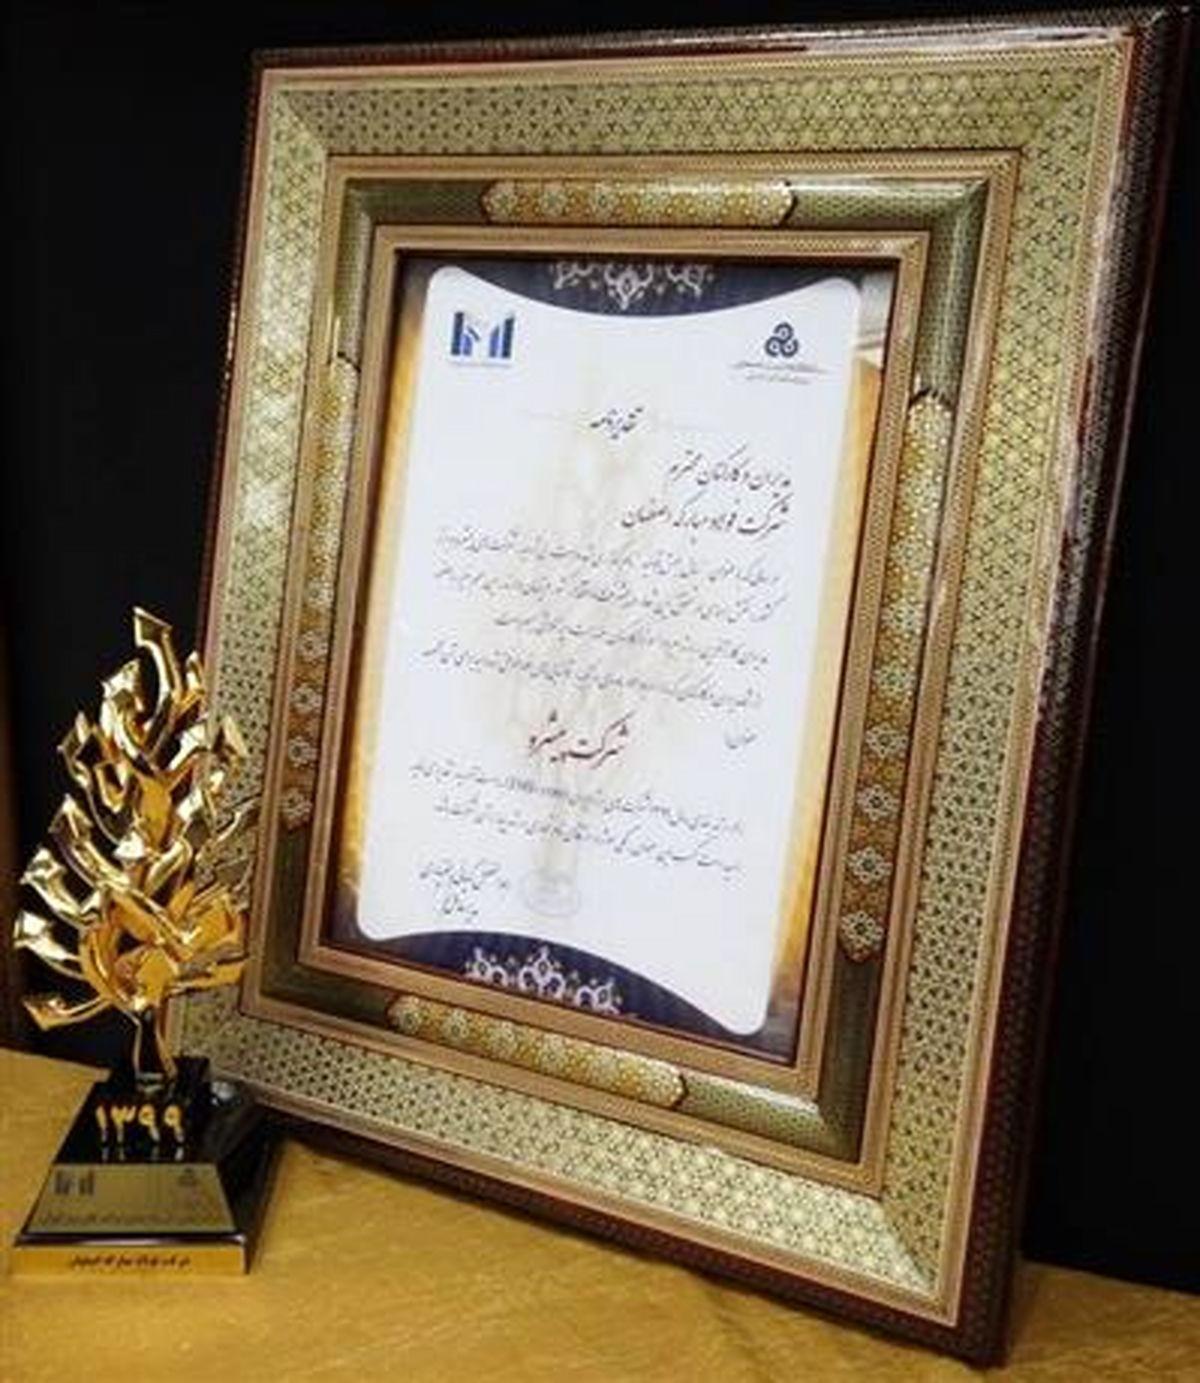 شرکت فولاد مبارکه اصفهان موفق به دریافت رتبه ۴ در شاخص فروش یکصد شرکت برتر ایران شد